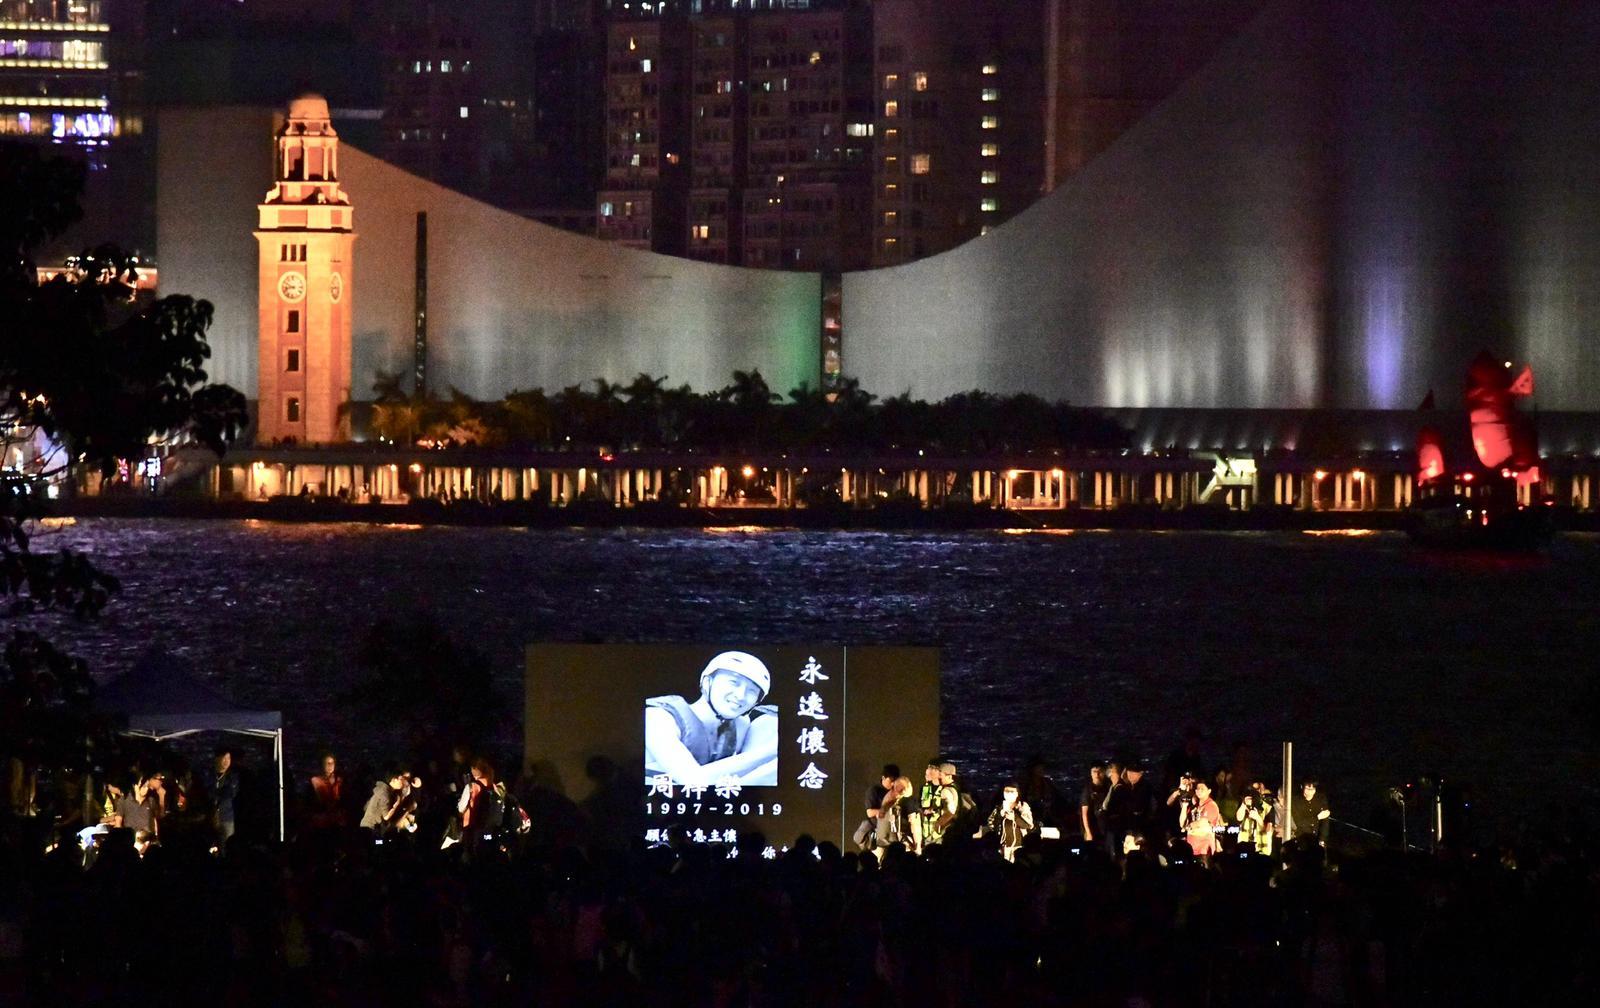 金鐘添馬公園祈禱追思集會晚上8時半結束。